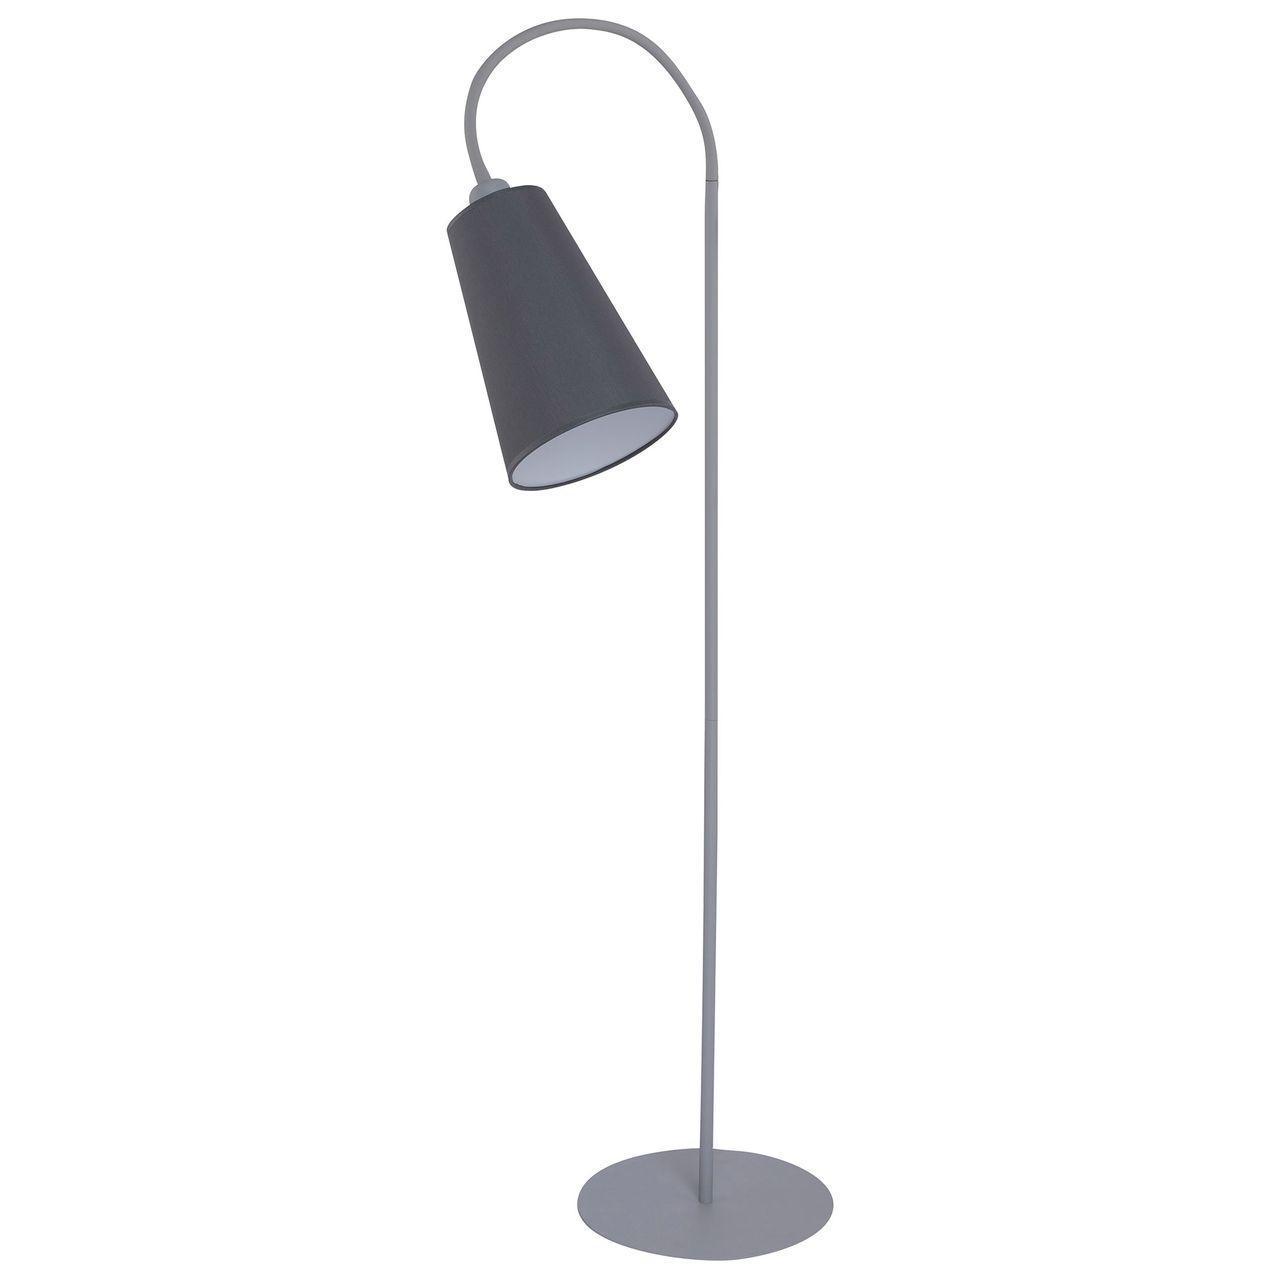 Фото - Торшер TK Lighting 3078 Wire Gray светильник tk lighting wire colour 2106 wire colour